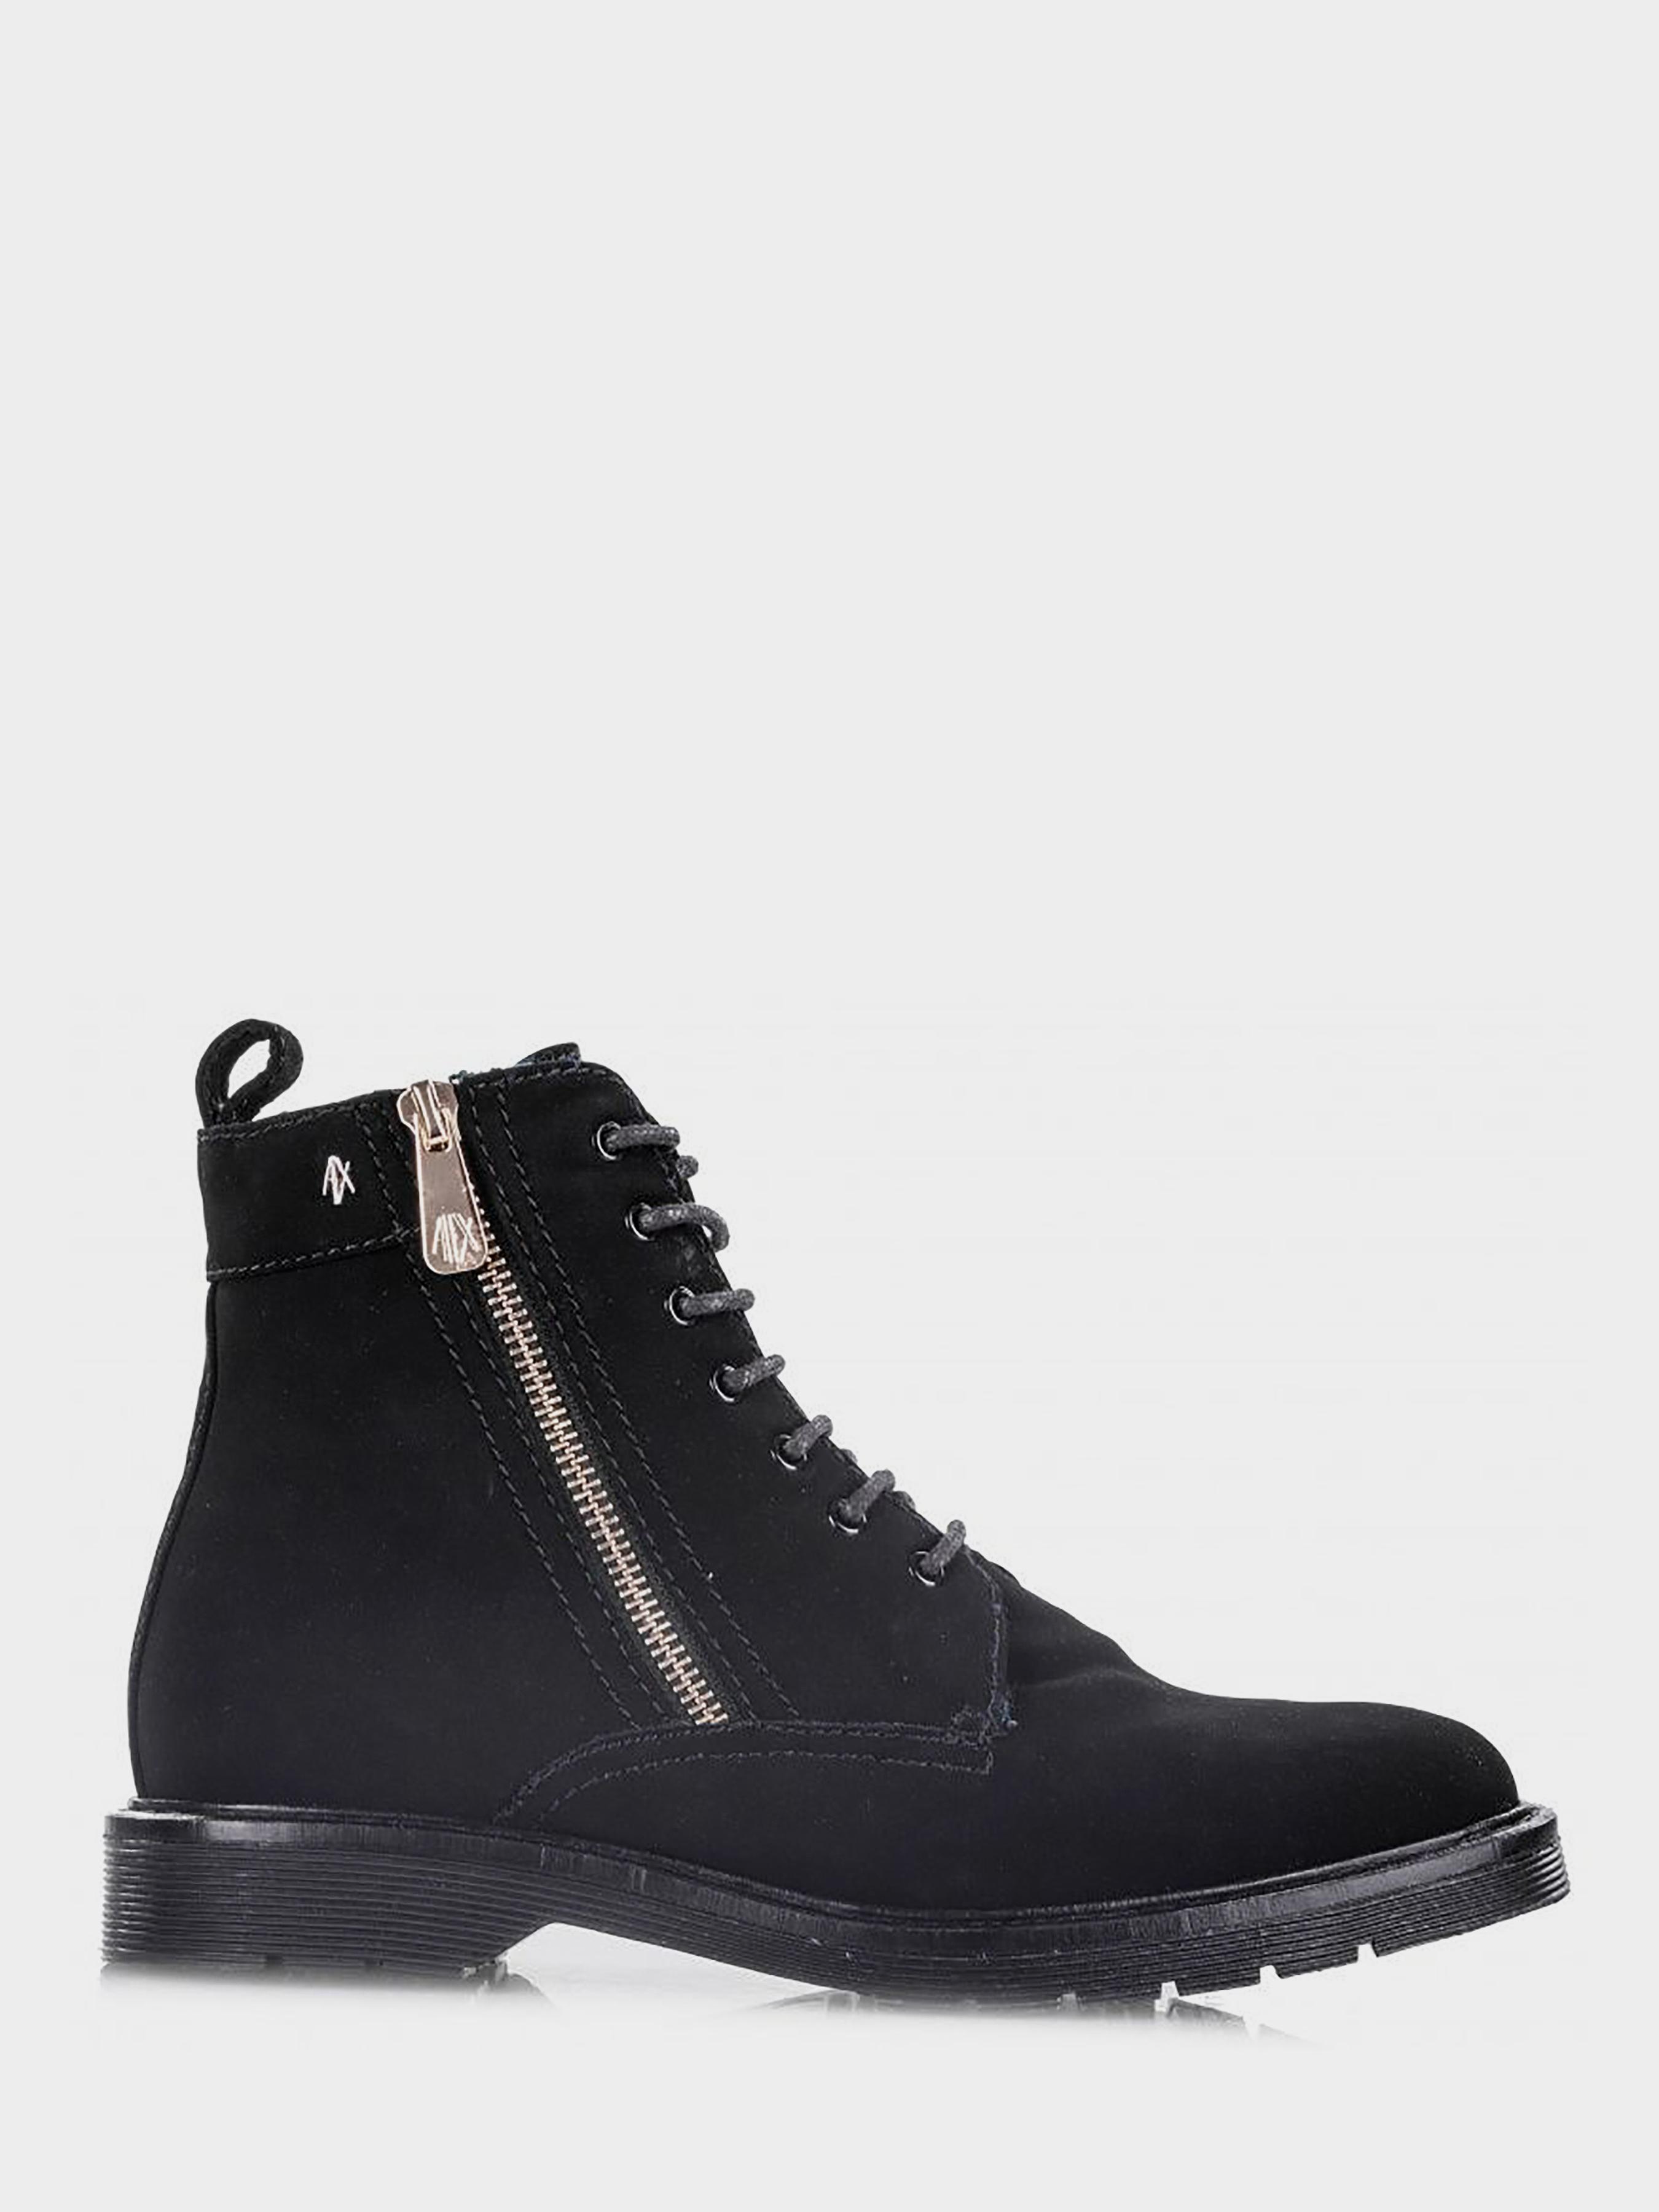 Купить Ботинки женские Armani Exchange LACE BOOT NUBUCK PU WD73, Черный